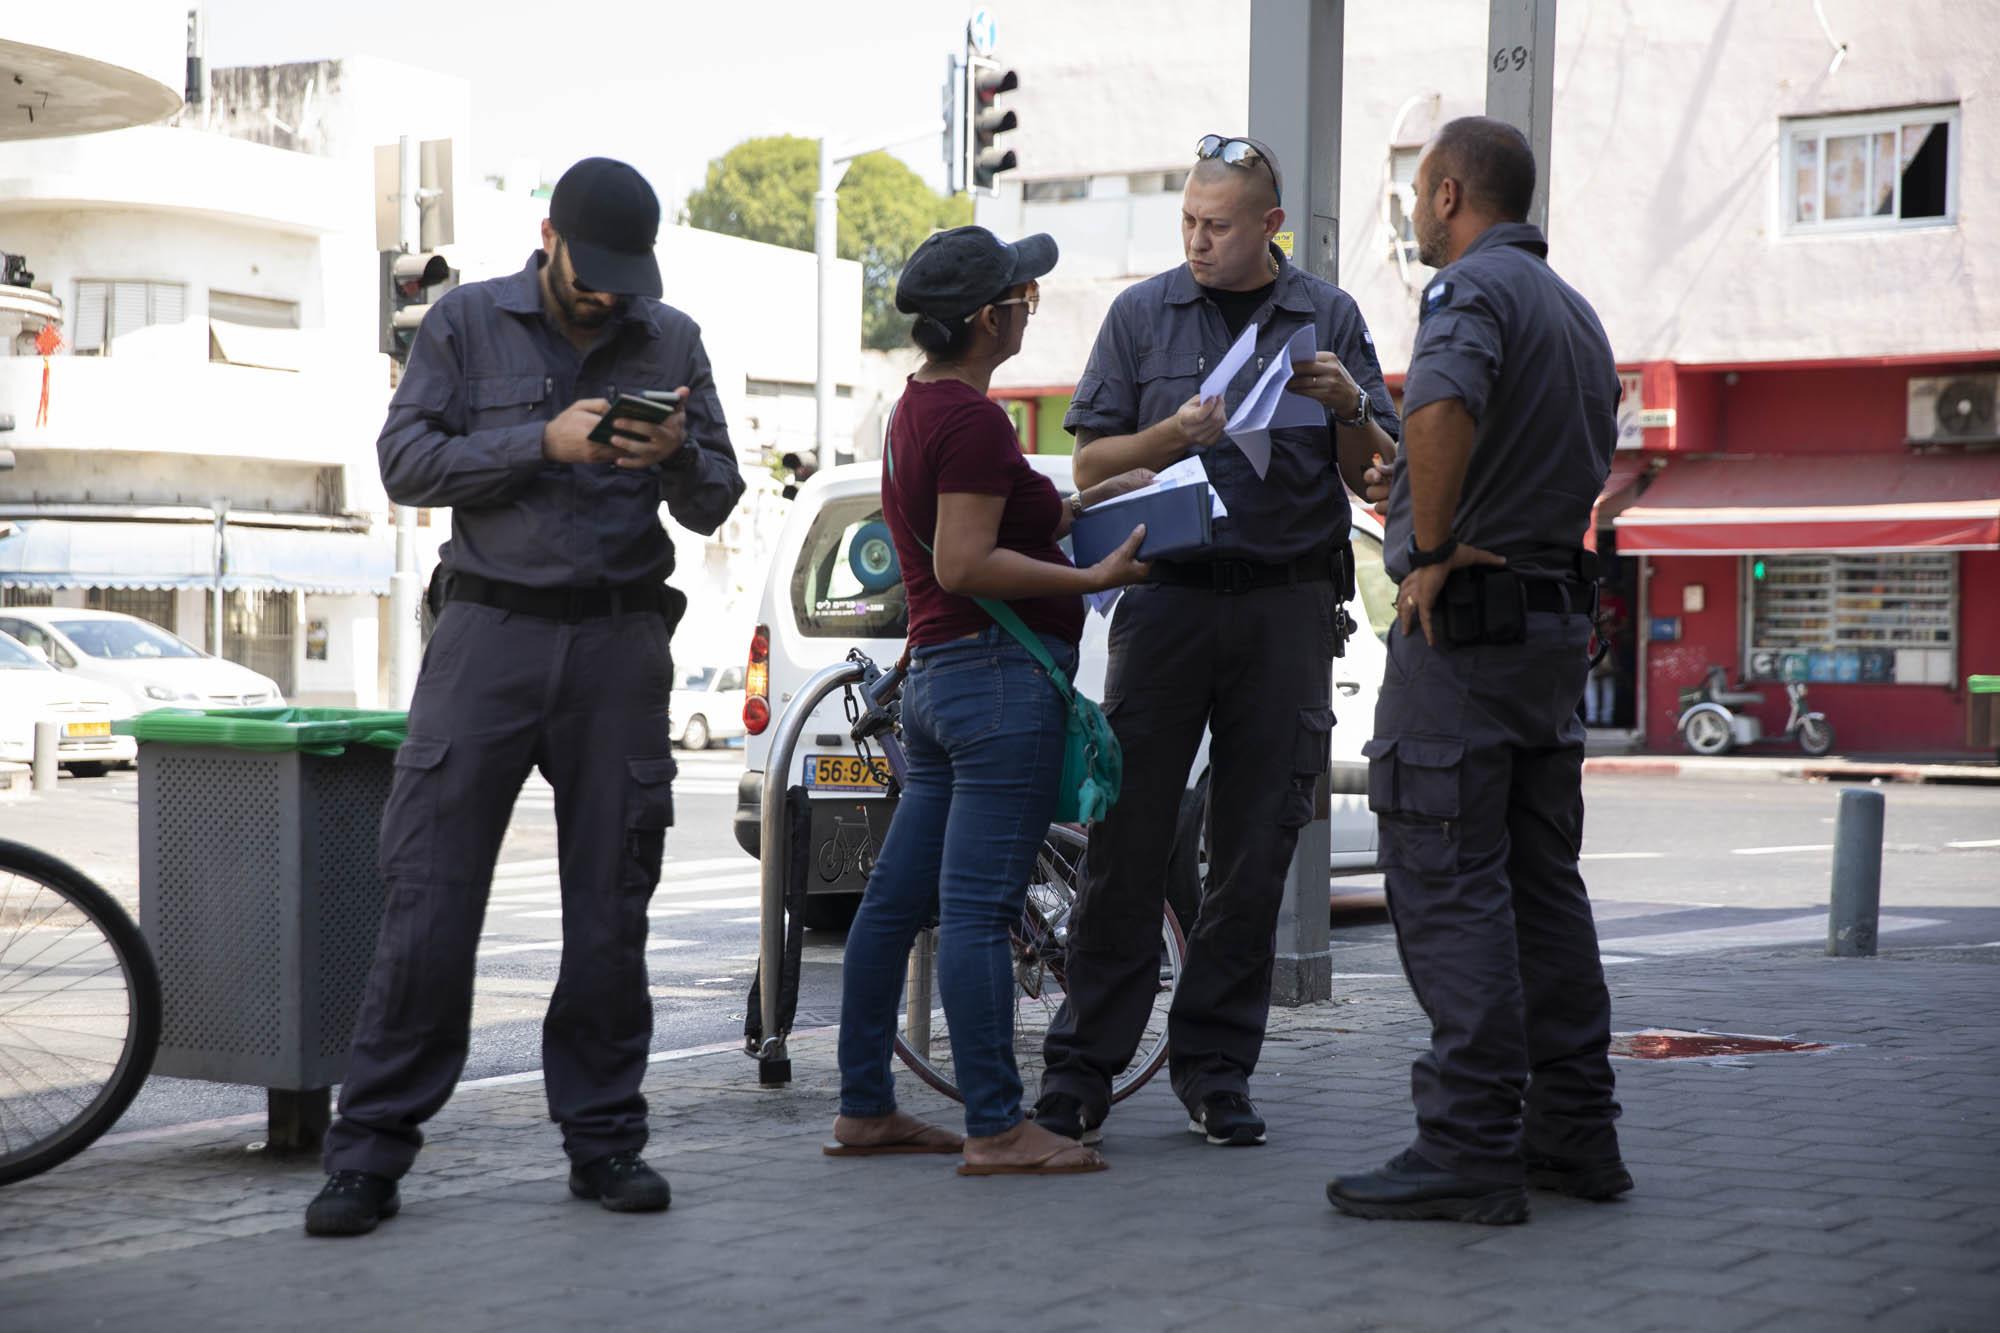 מהגרי עבודה עוכבו על ידי המשטרה בדרום תל אביב (צילום: אורן זיו/אקטיבסטילס)